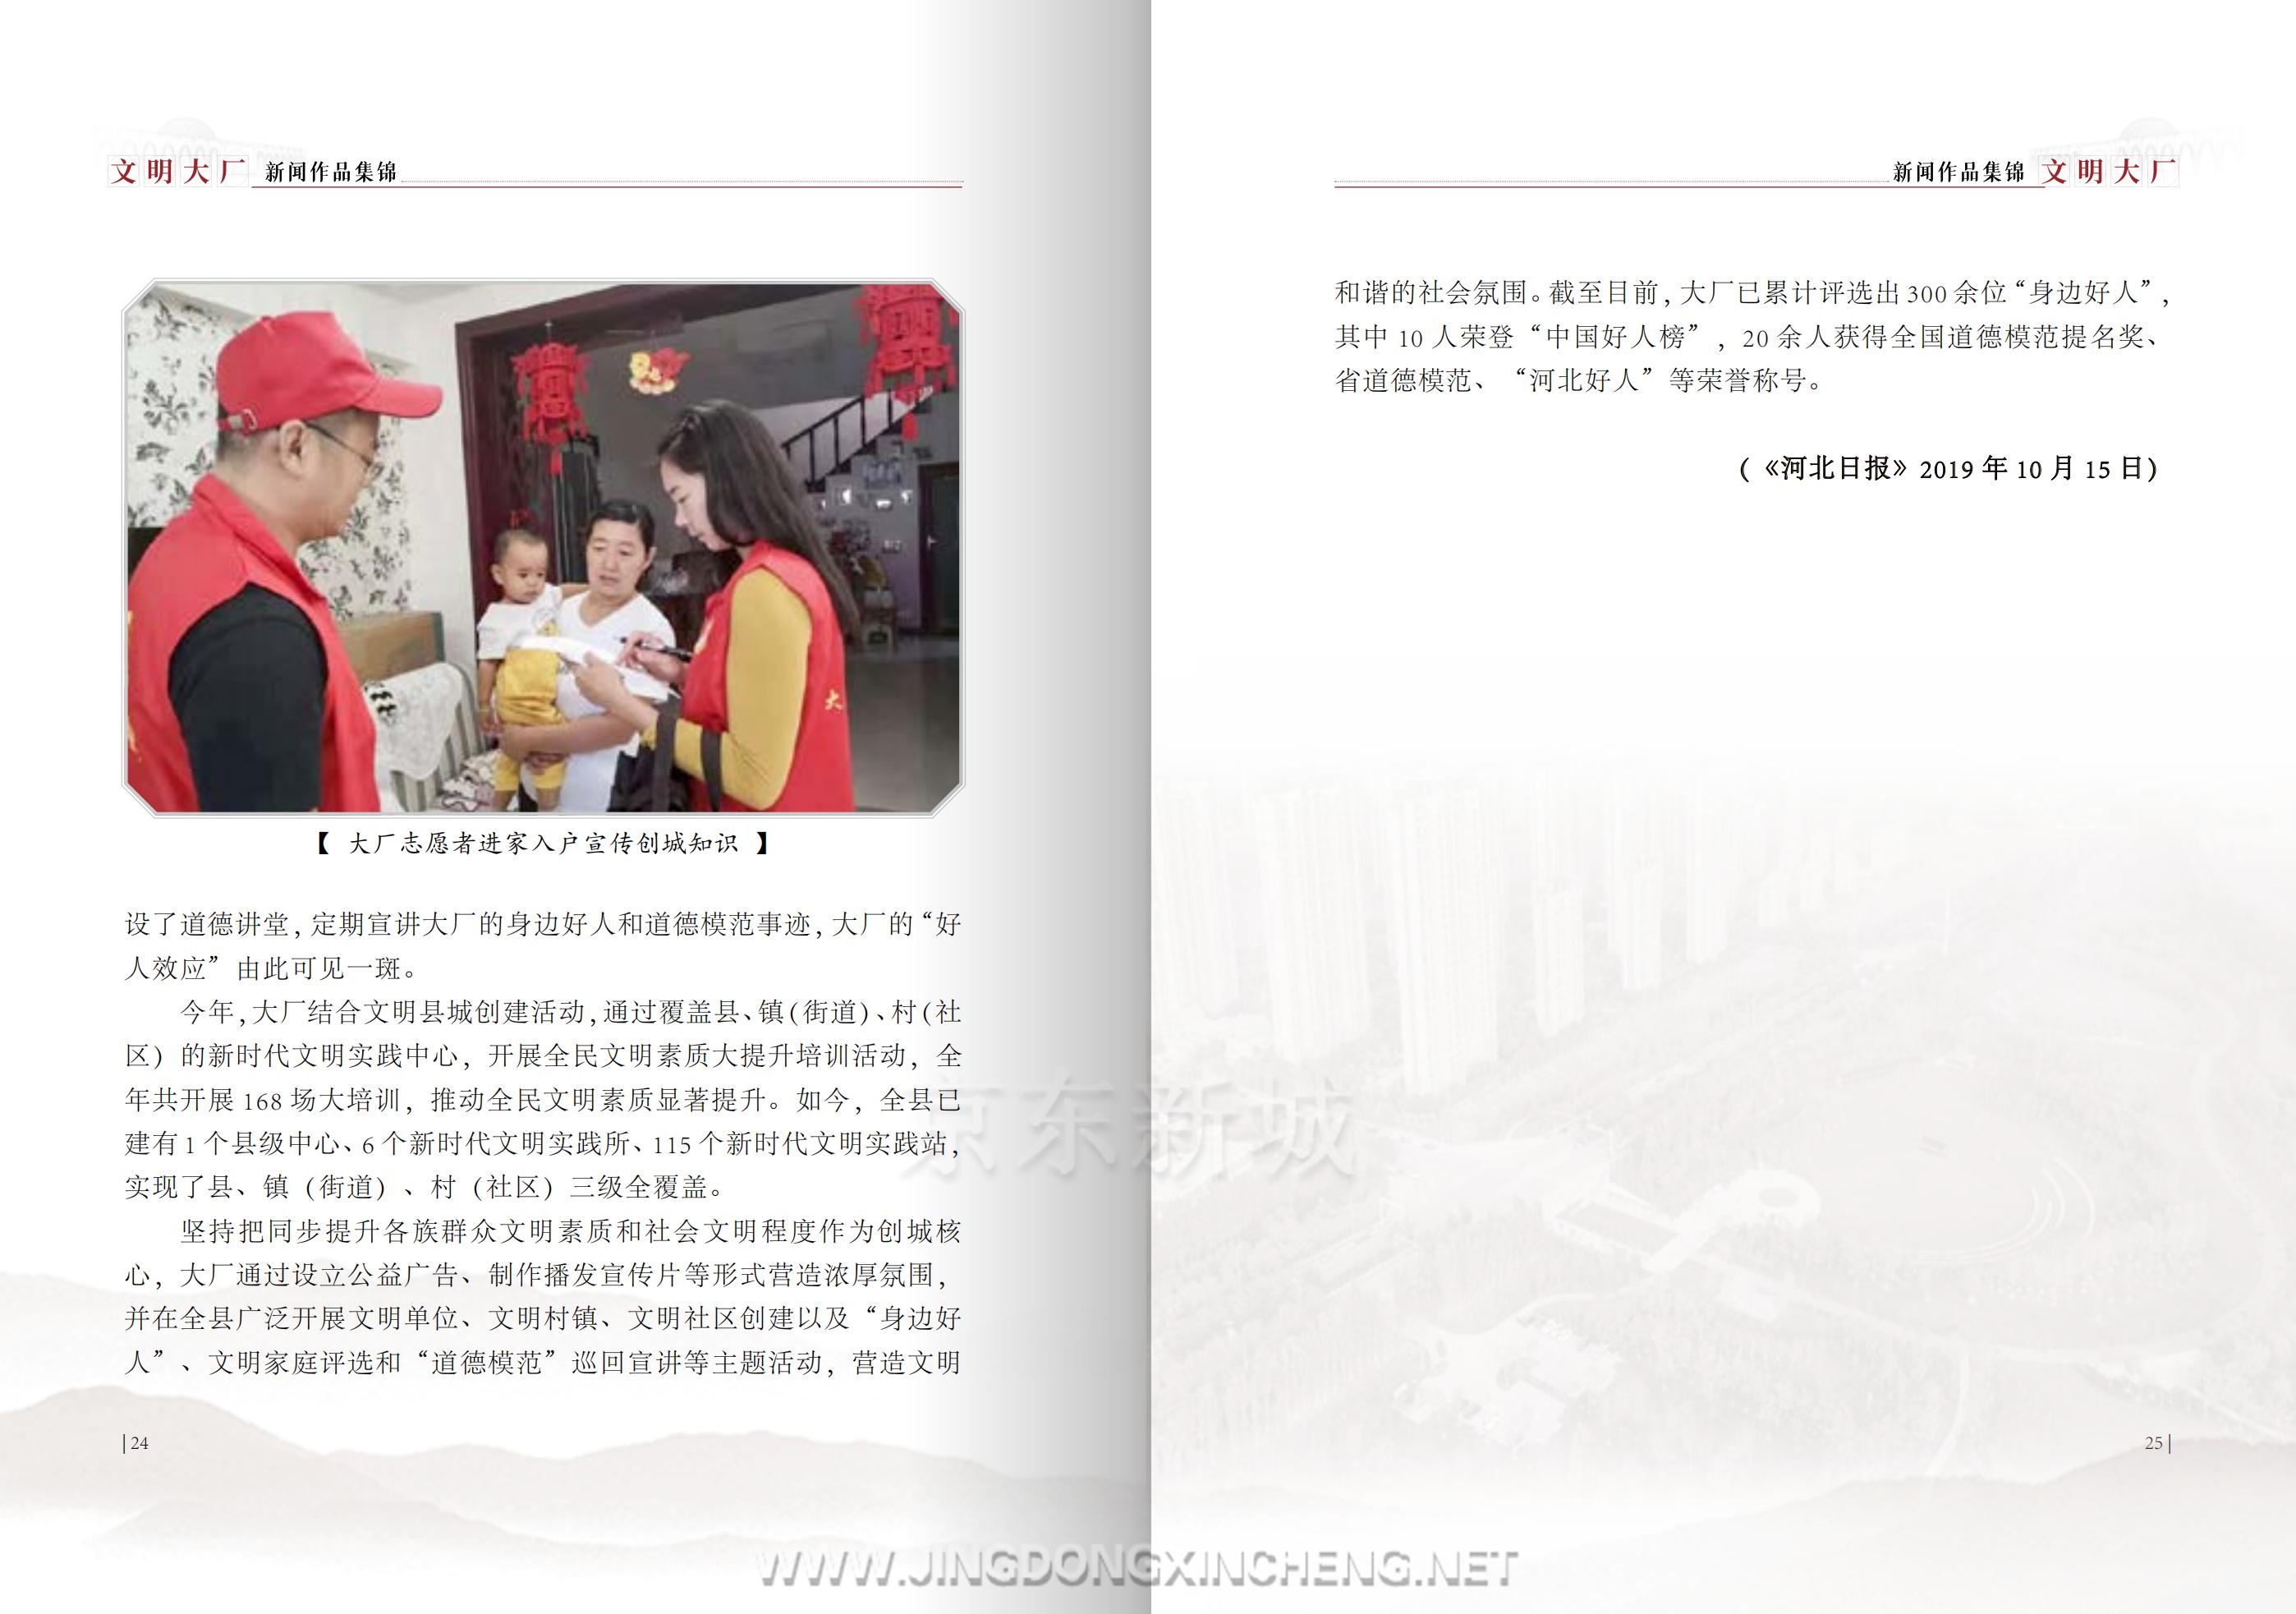 文明大厂书籍-定稿-上传版_16.png